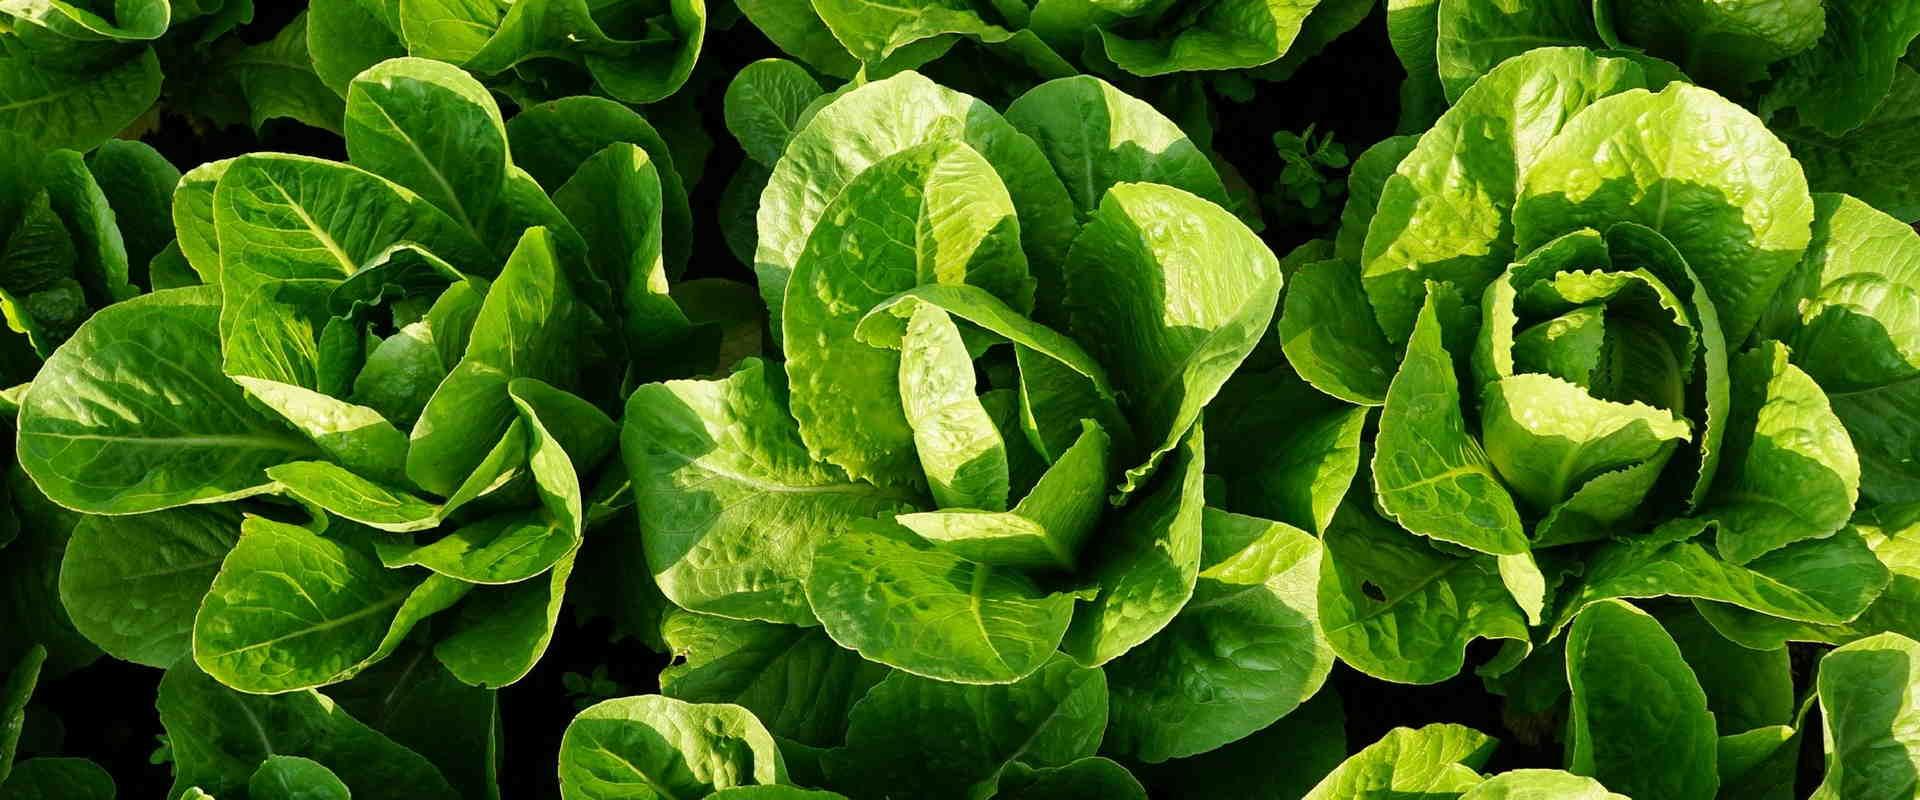 zielona sałata na grządce